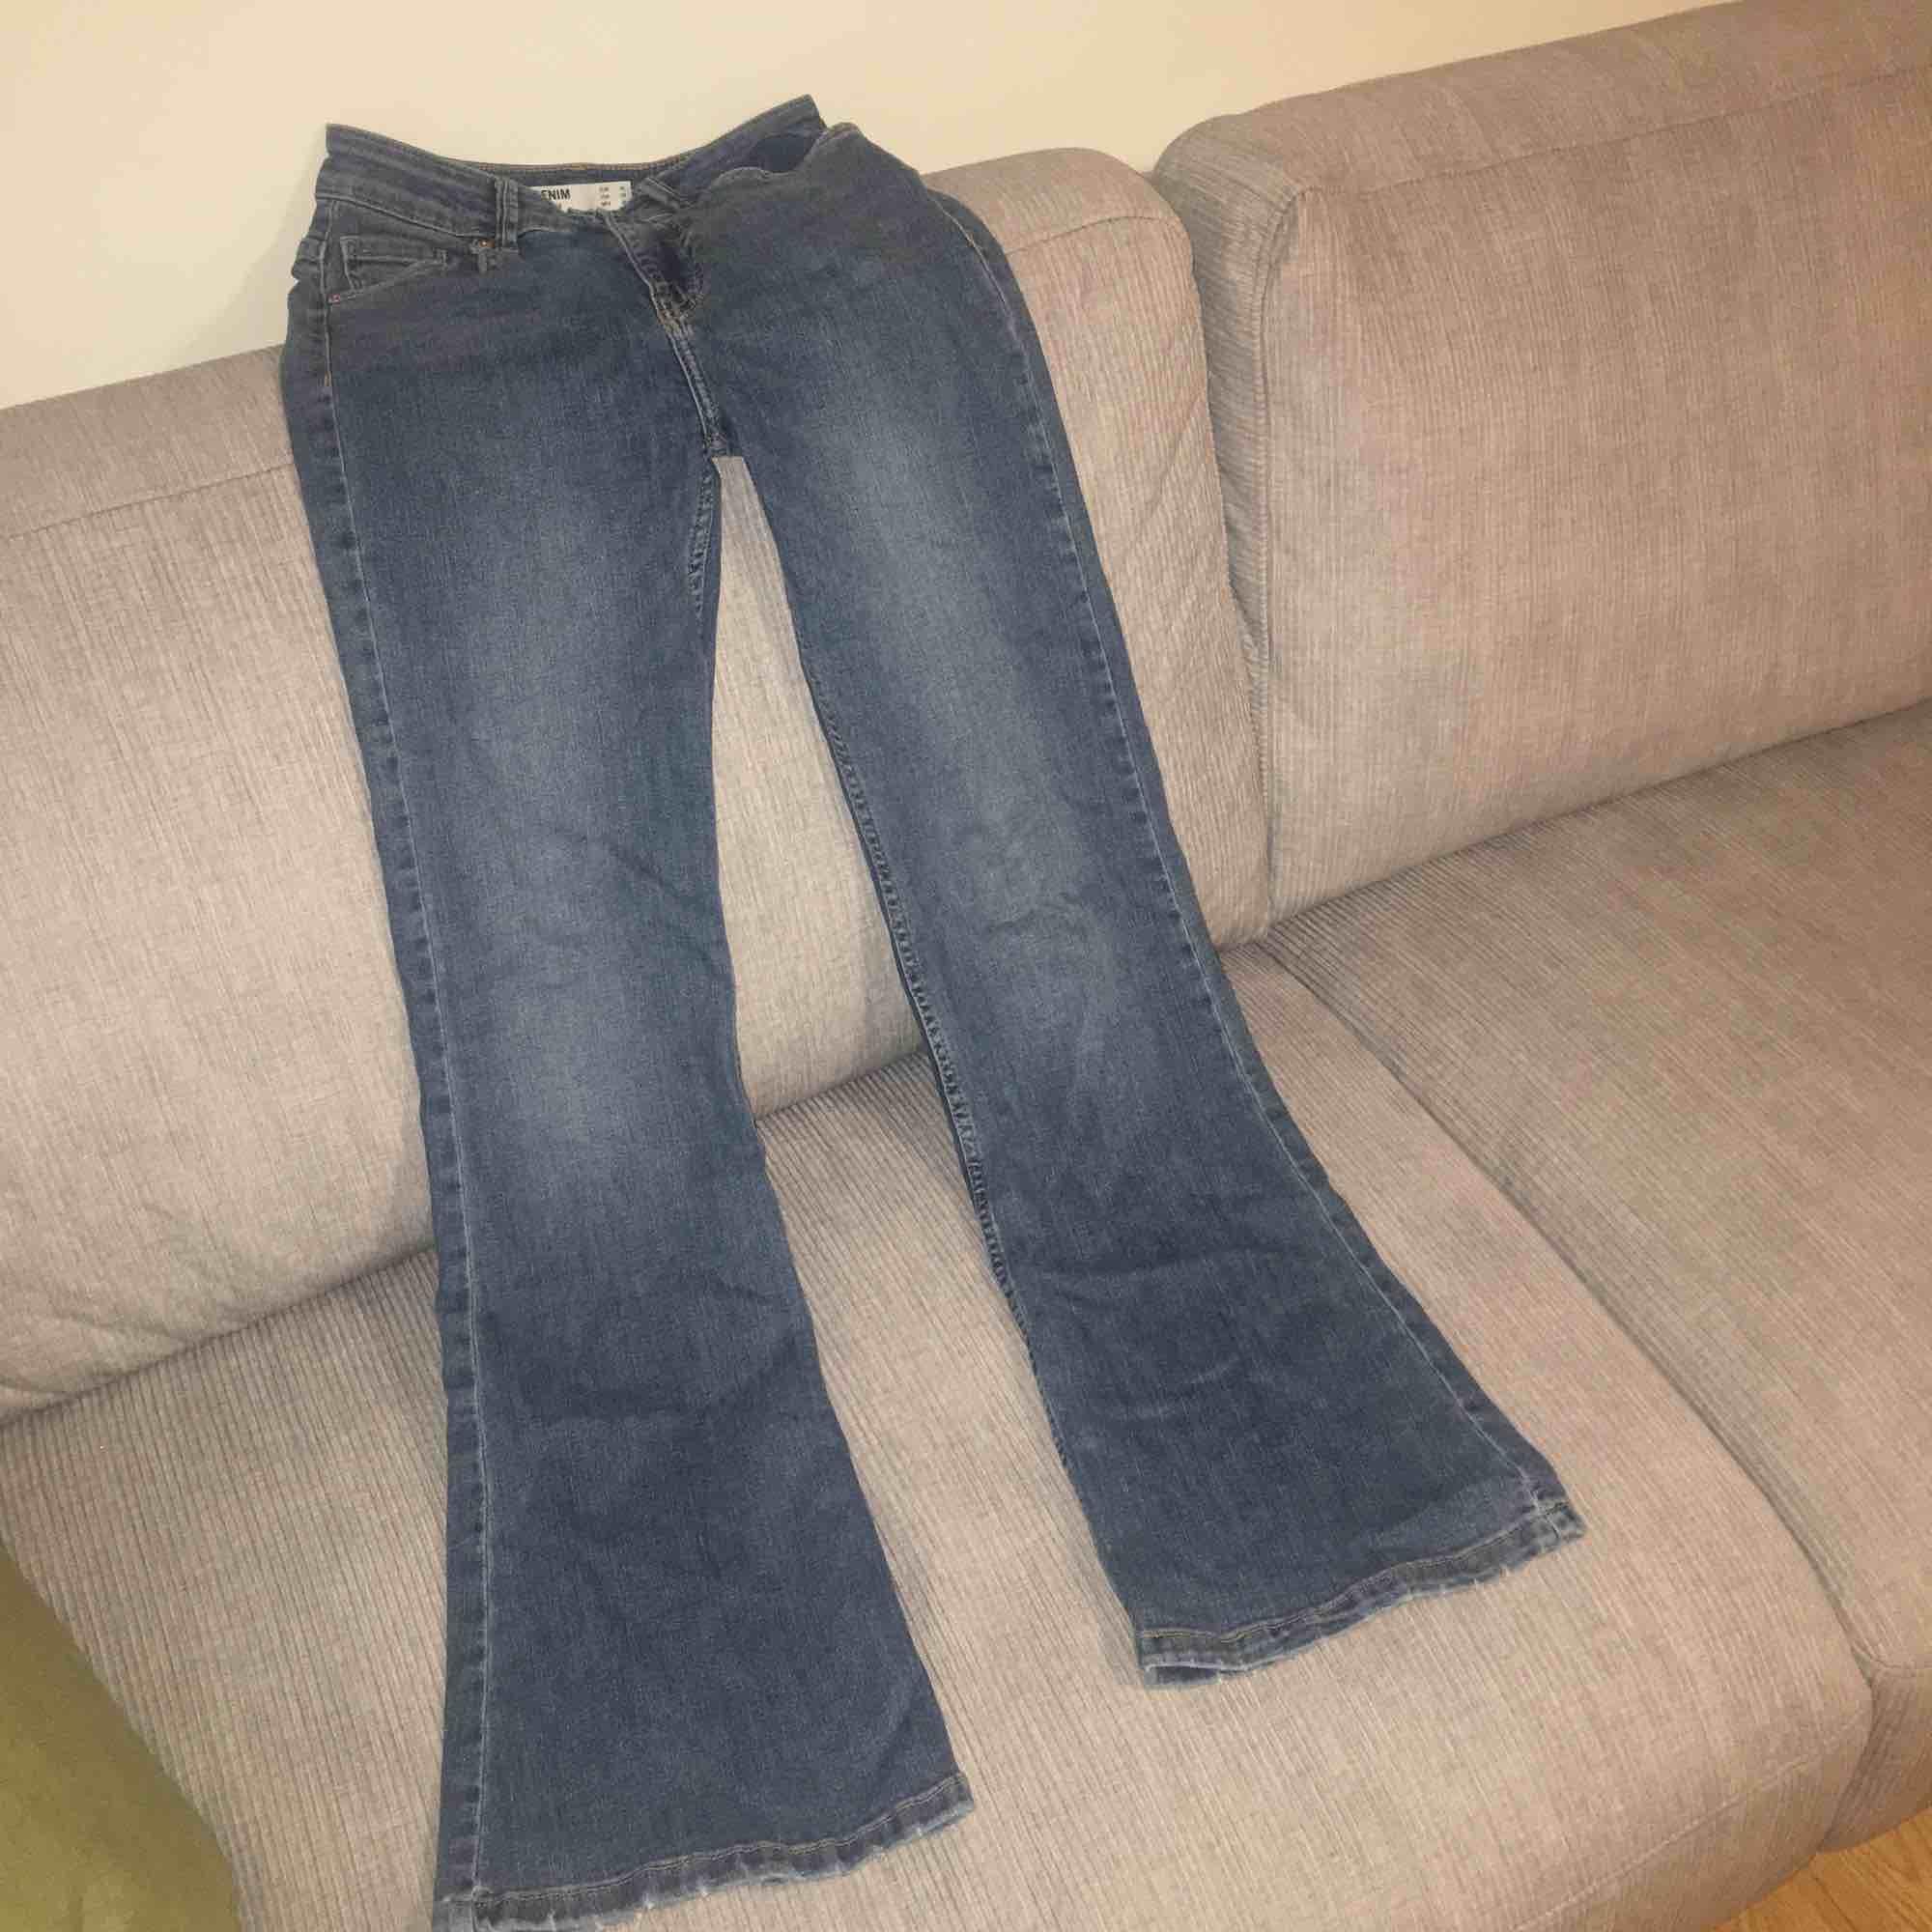 Ett par superfina bootcut byxor från Bershka. Jeansen sitter superfina runt midjan och har en superbra passform. Använda endast 1 gång och dem är nyligen köpta. 💕 Pris kan diskuteras.. Jeans & Byxor.